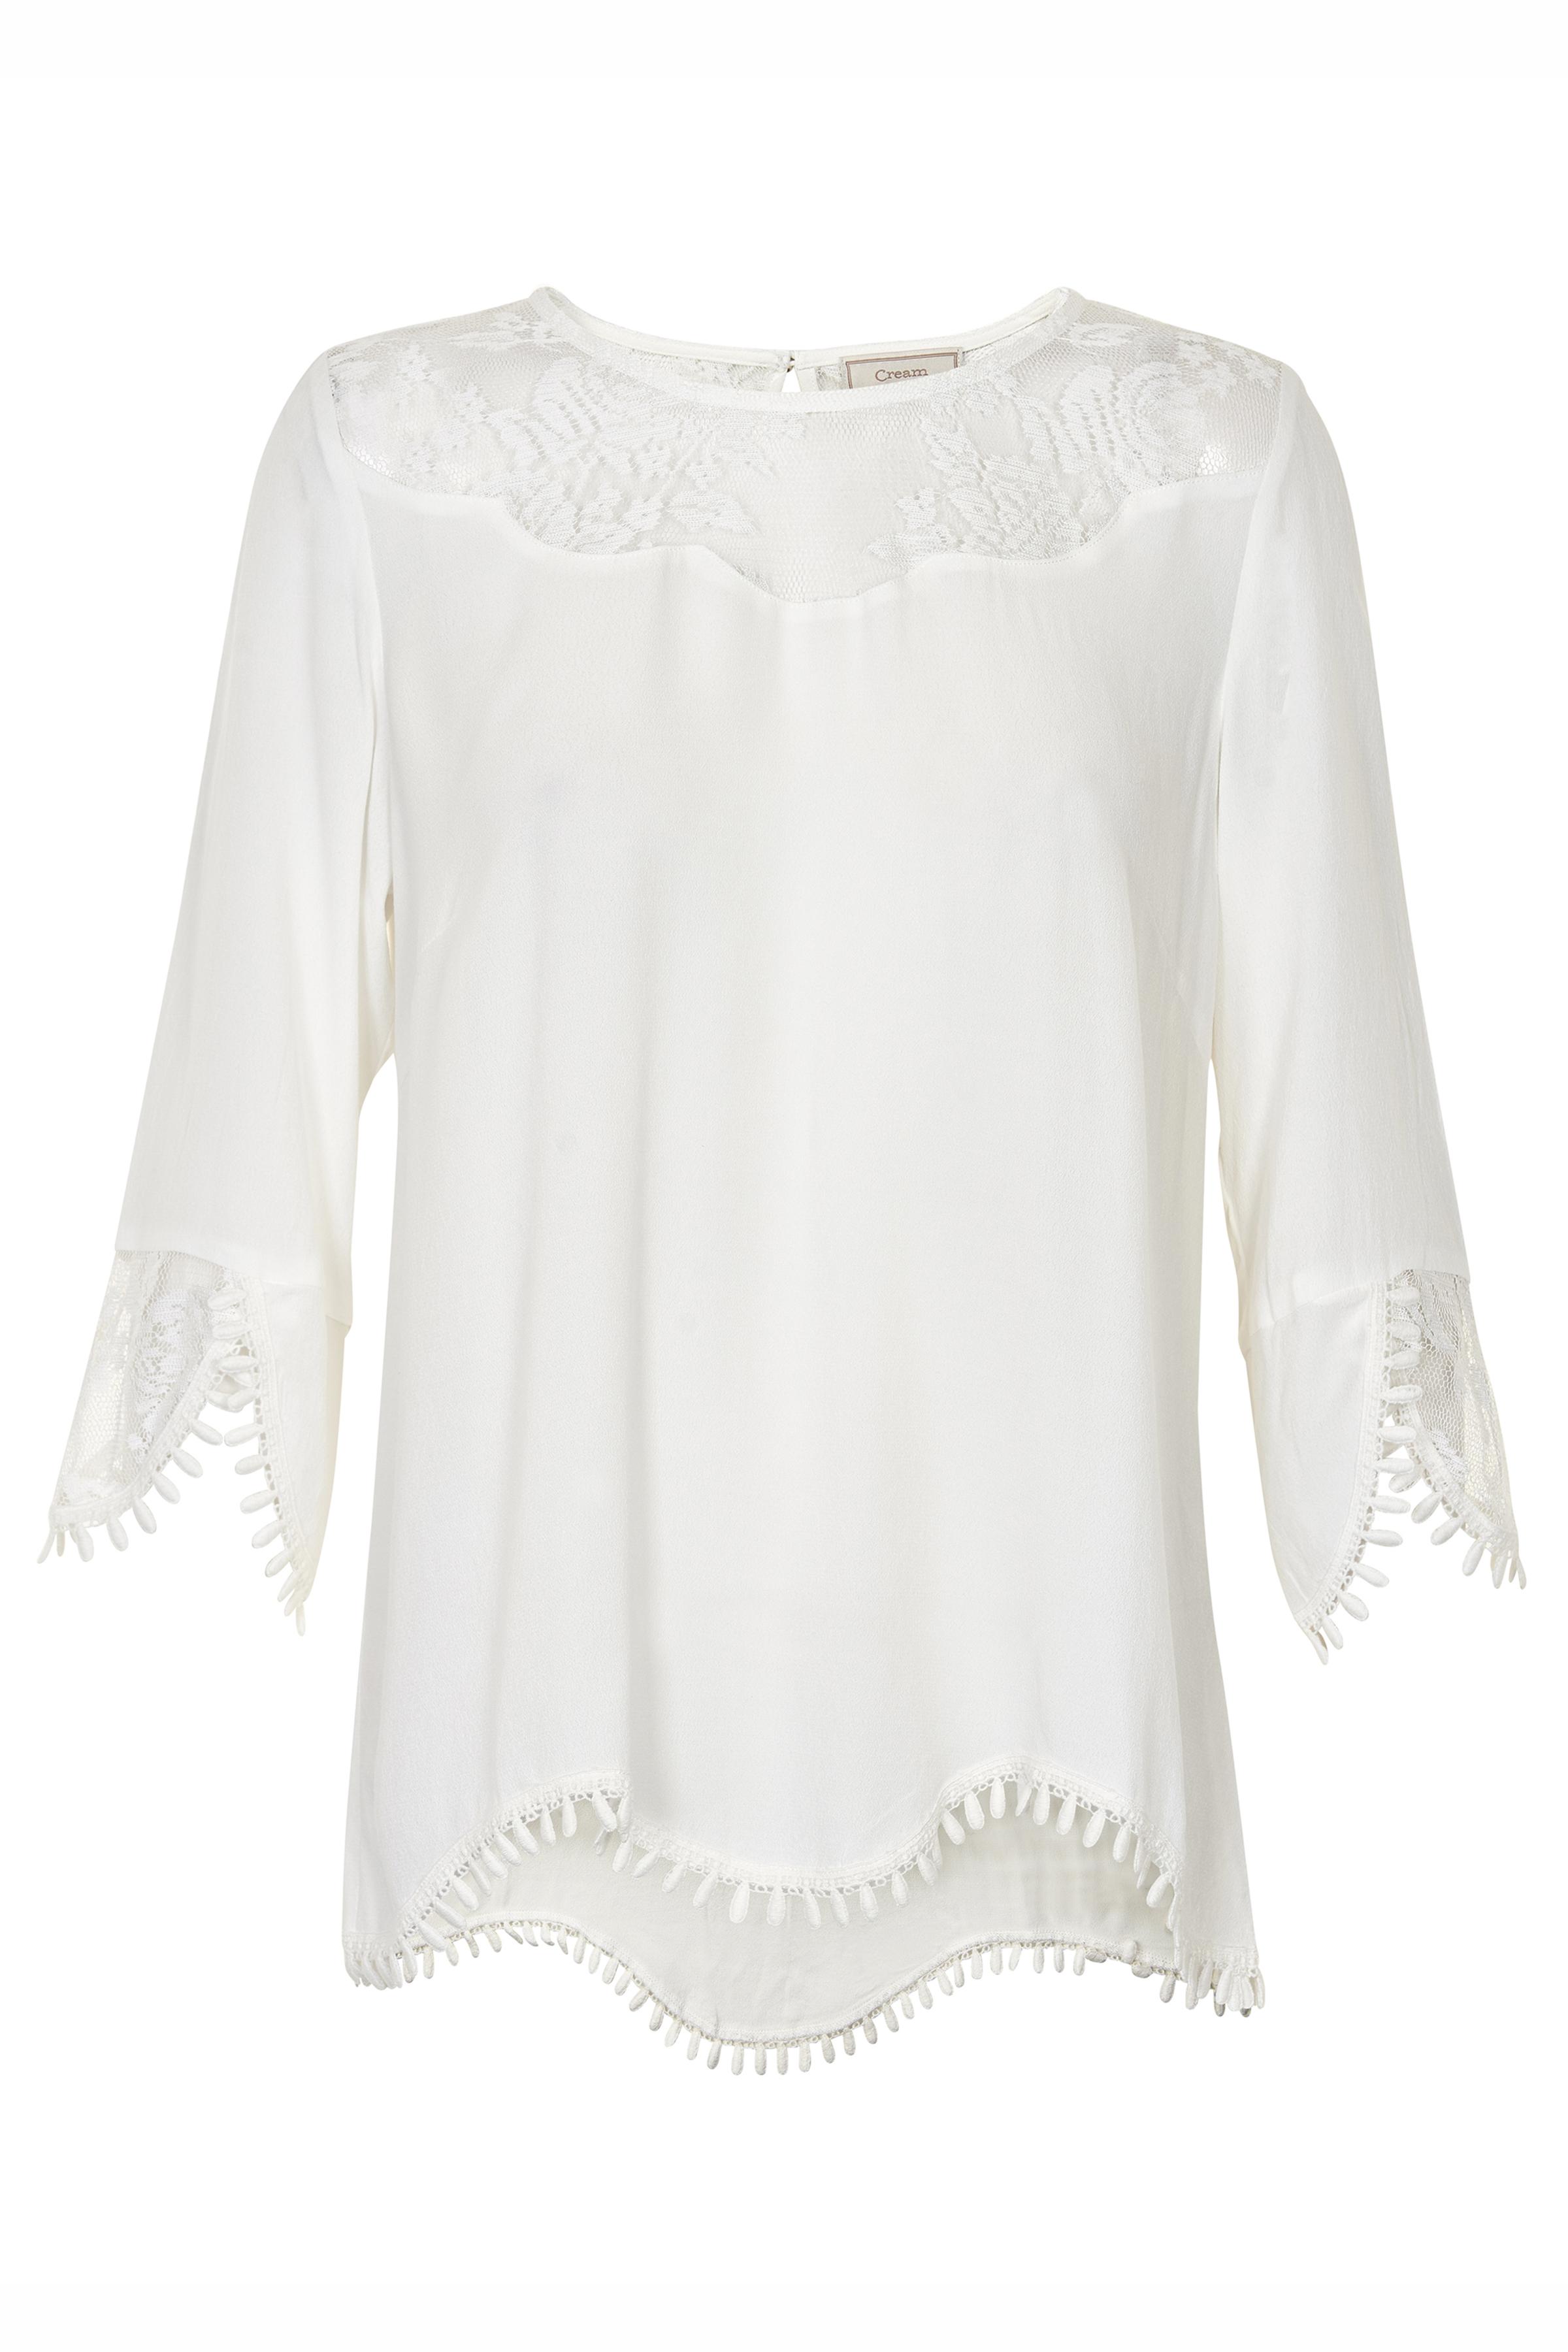 Wollweiß Langarm-Bluse von Cream – Shoppen Sie Wollweiß Langarm-Bluse ab Gr. 34-46 hier